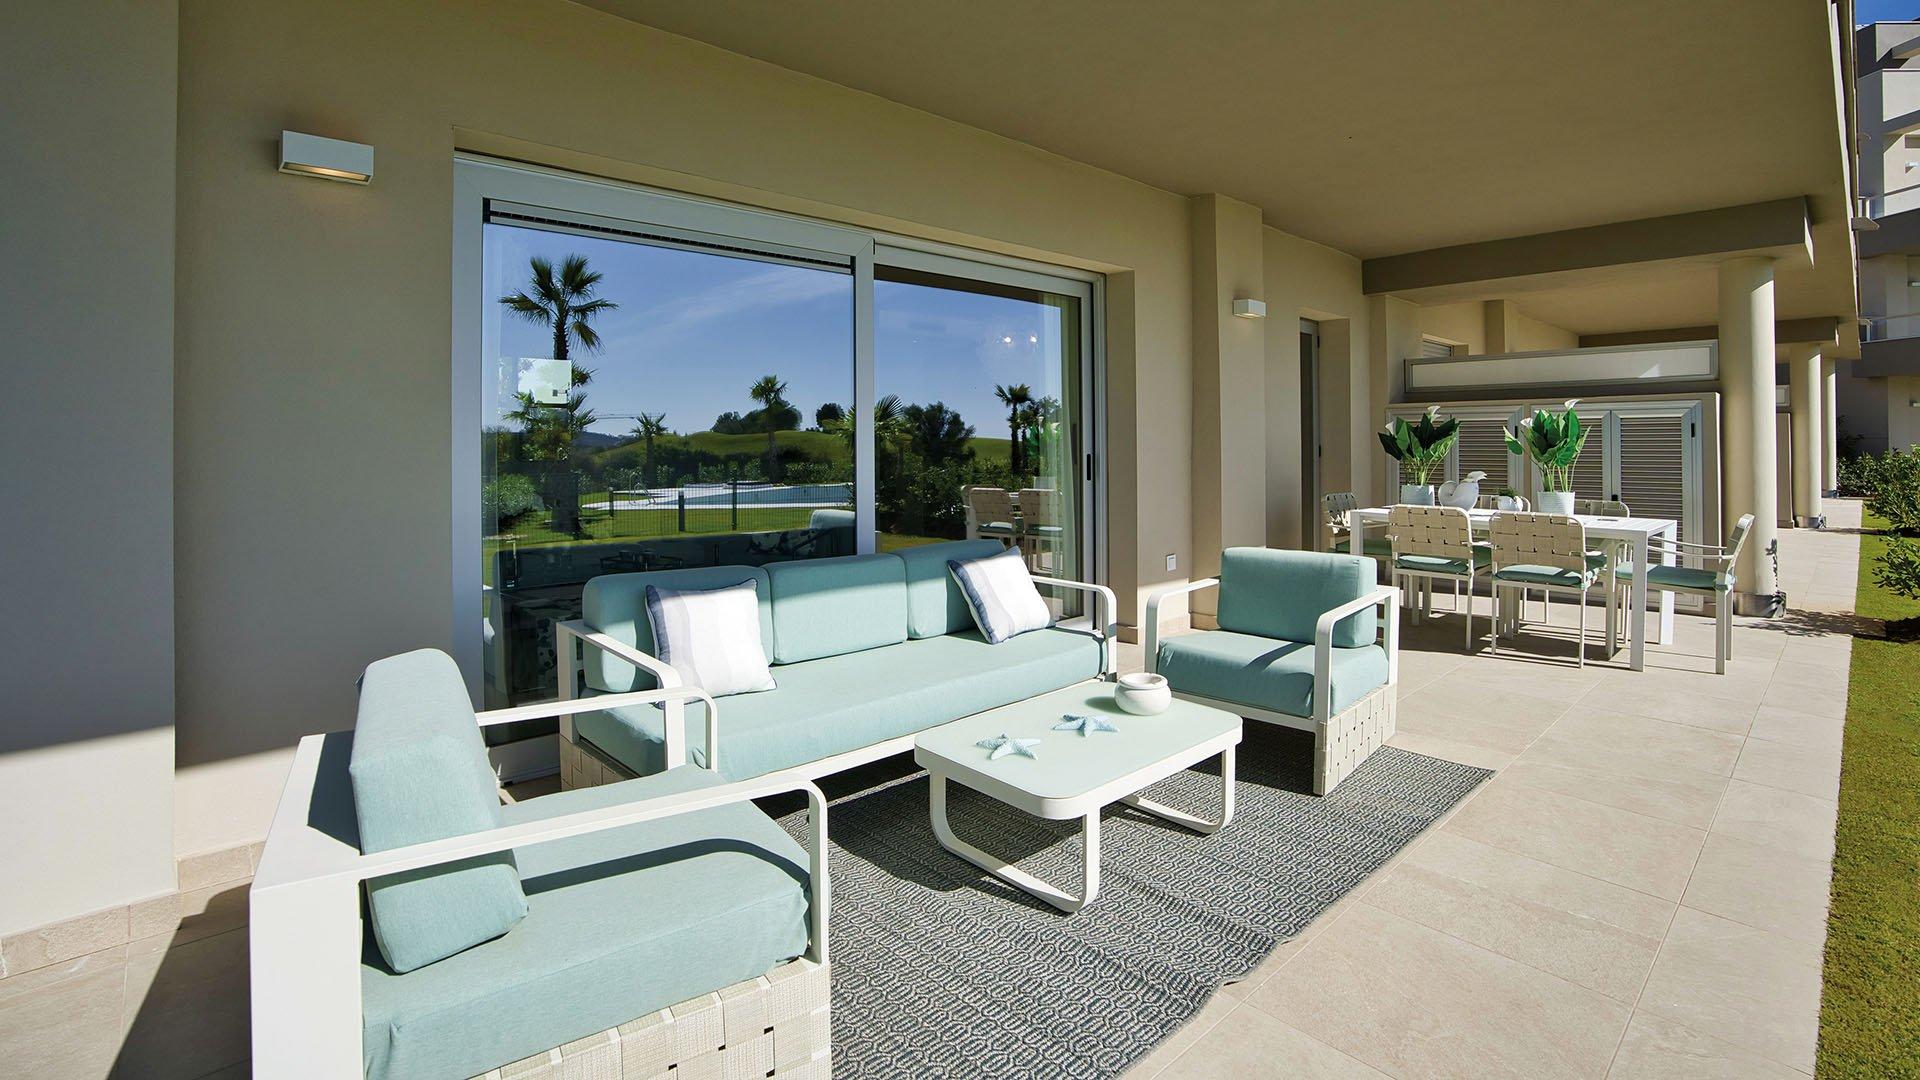 Sun Valley: Appartementen verweven in het idyllisch landschap van La Cala Golf